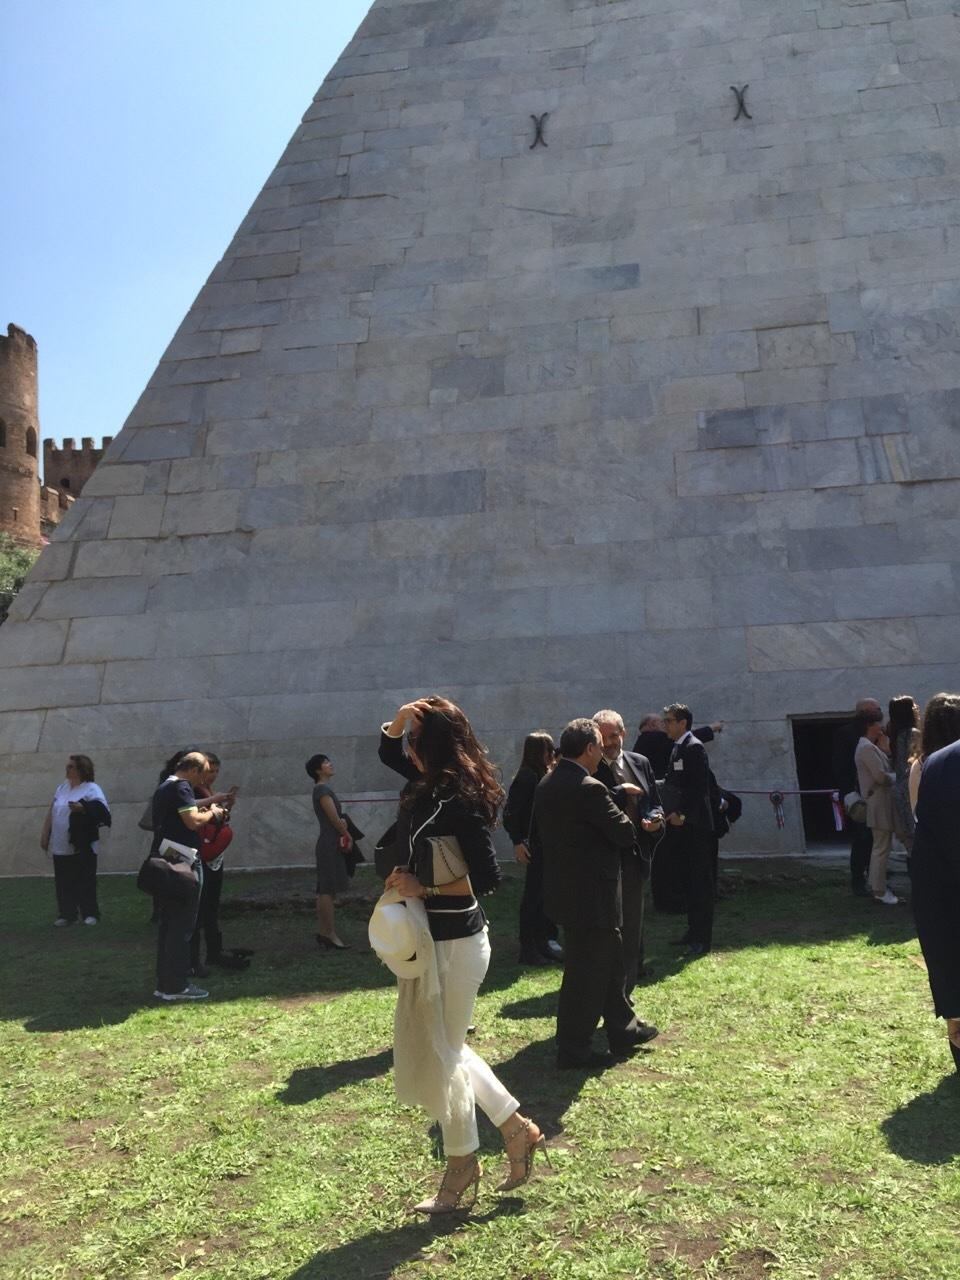 八木通商 ピラミッド修復完成記念式典_f0342875_21120211.jpg